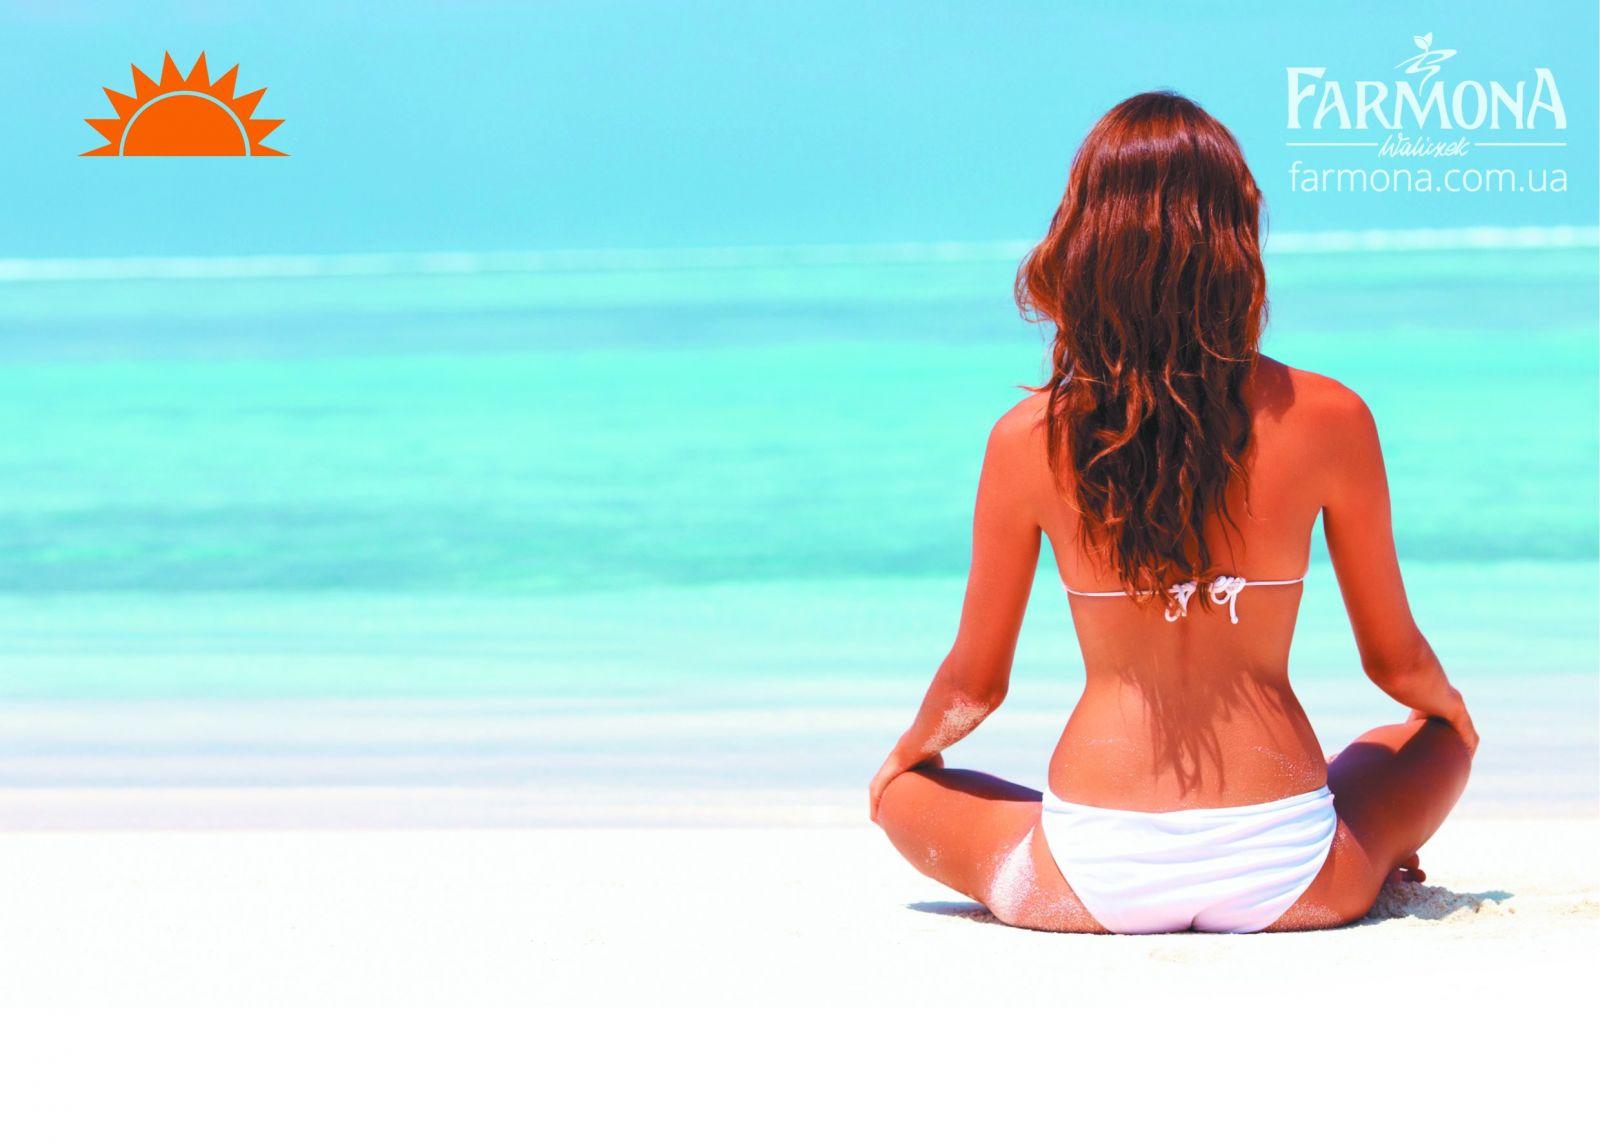 Хороший солнцезащитный крем – главное правило безопасного загара